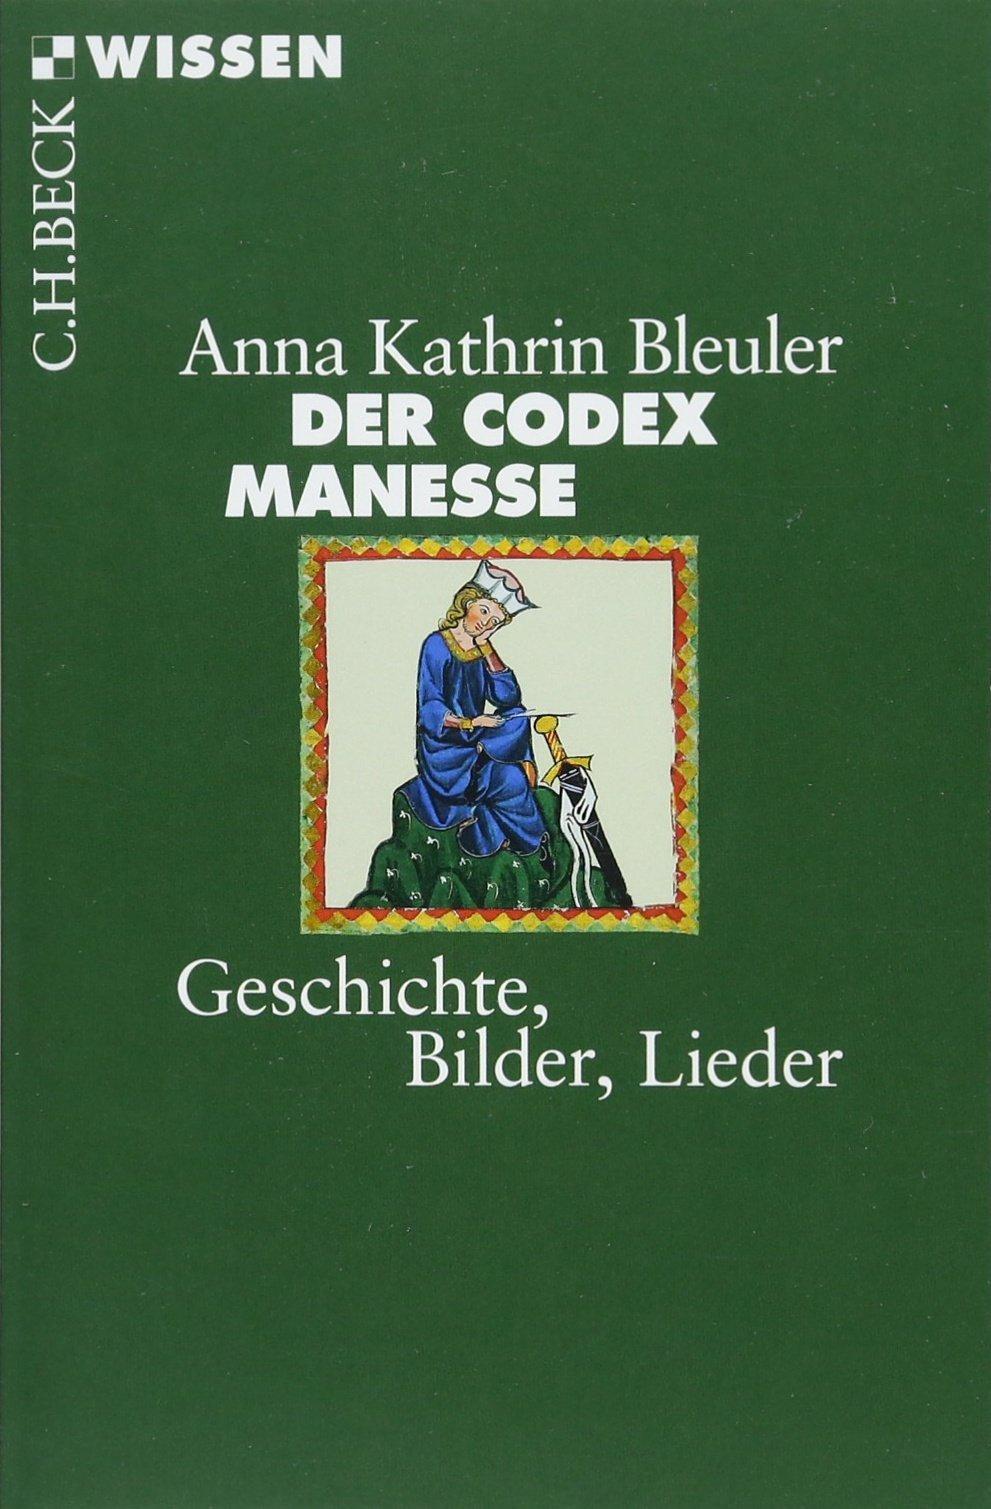 Der Codex Manesse: Geschichte, Bilder, Lieder